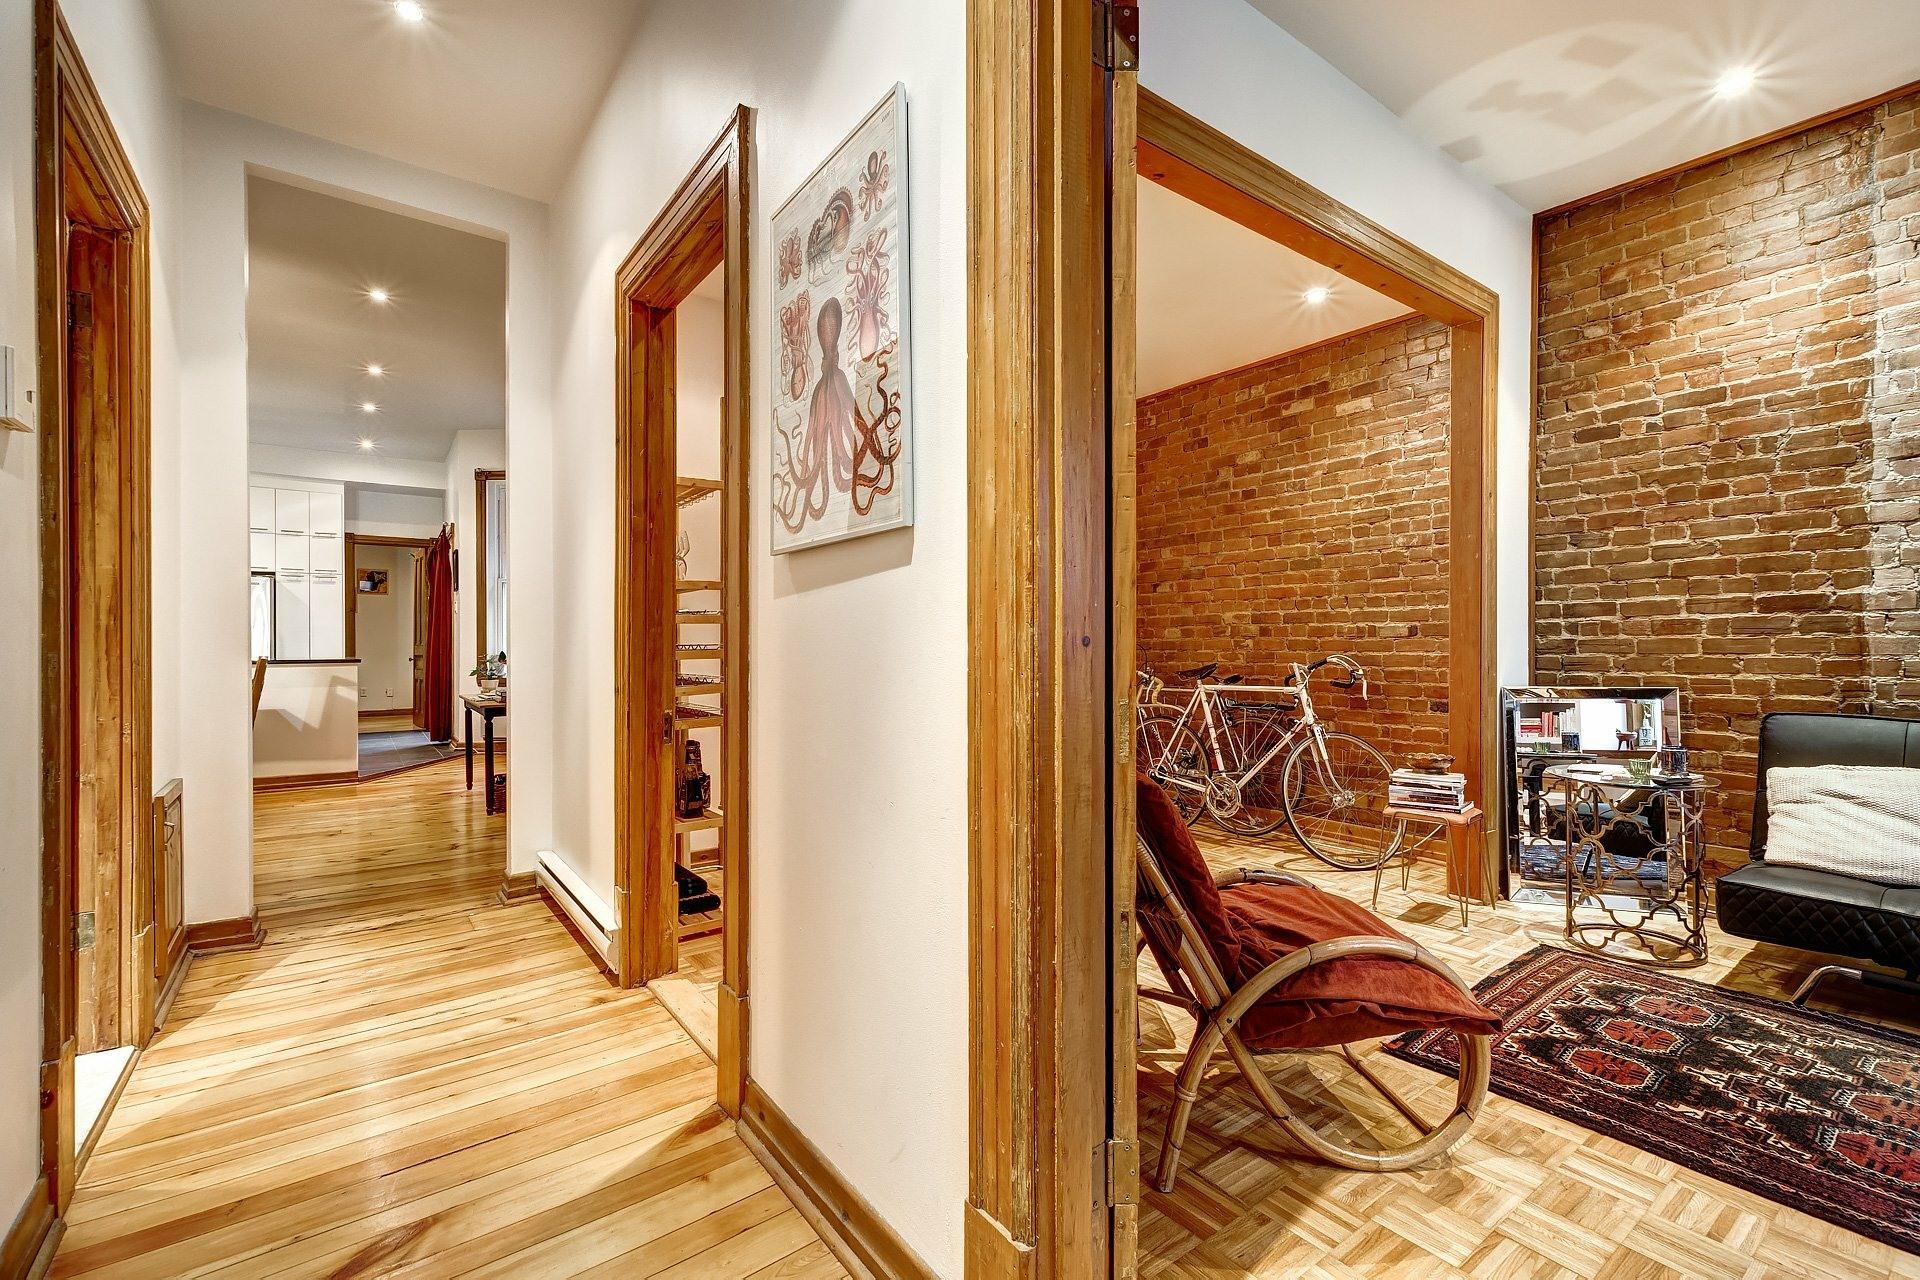 image 1 - Appartement À vendre Le Plateau-Mont-Royal Montréal  - 6 pièces